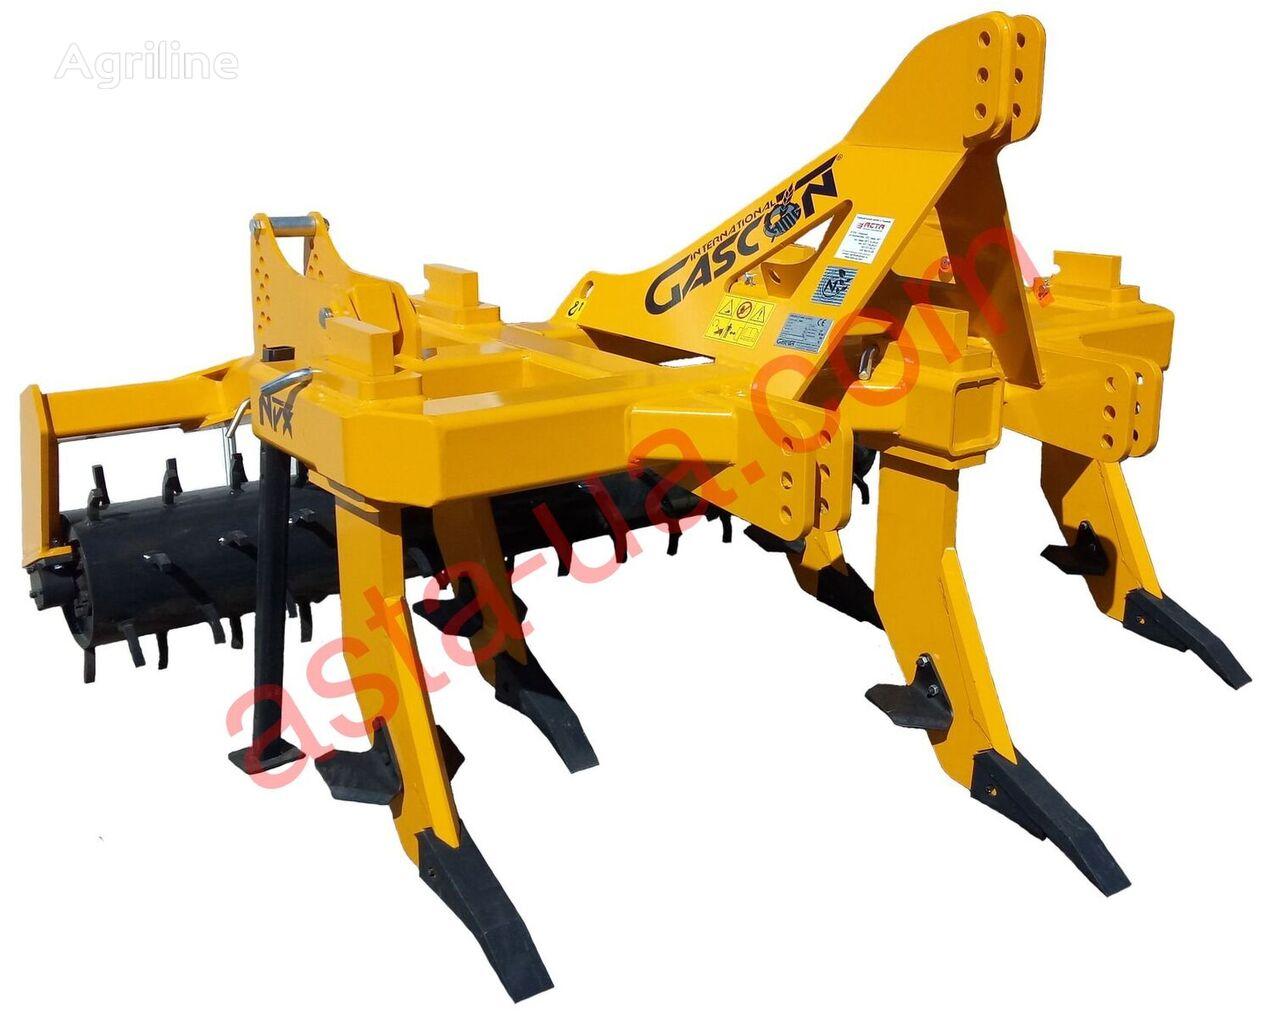 جديد ماكينة العزيق الدوارة GASCON  Glubokoryhlitel Gascon SS3F-5S500R (150-210 l.s.)